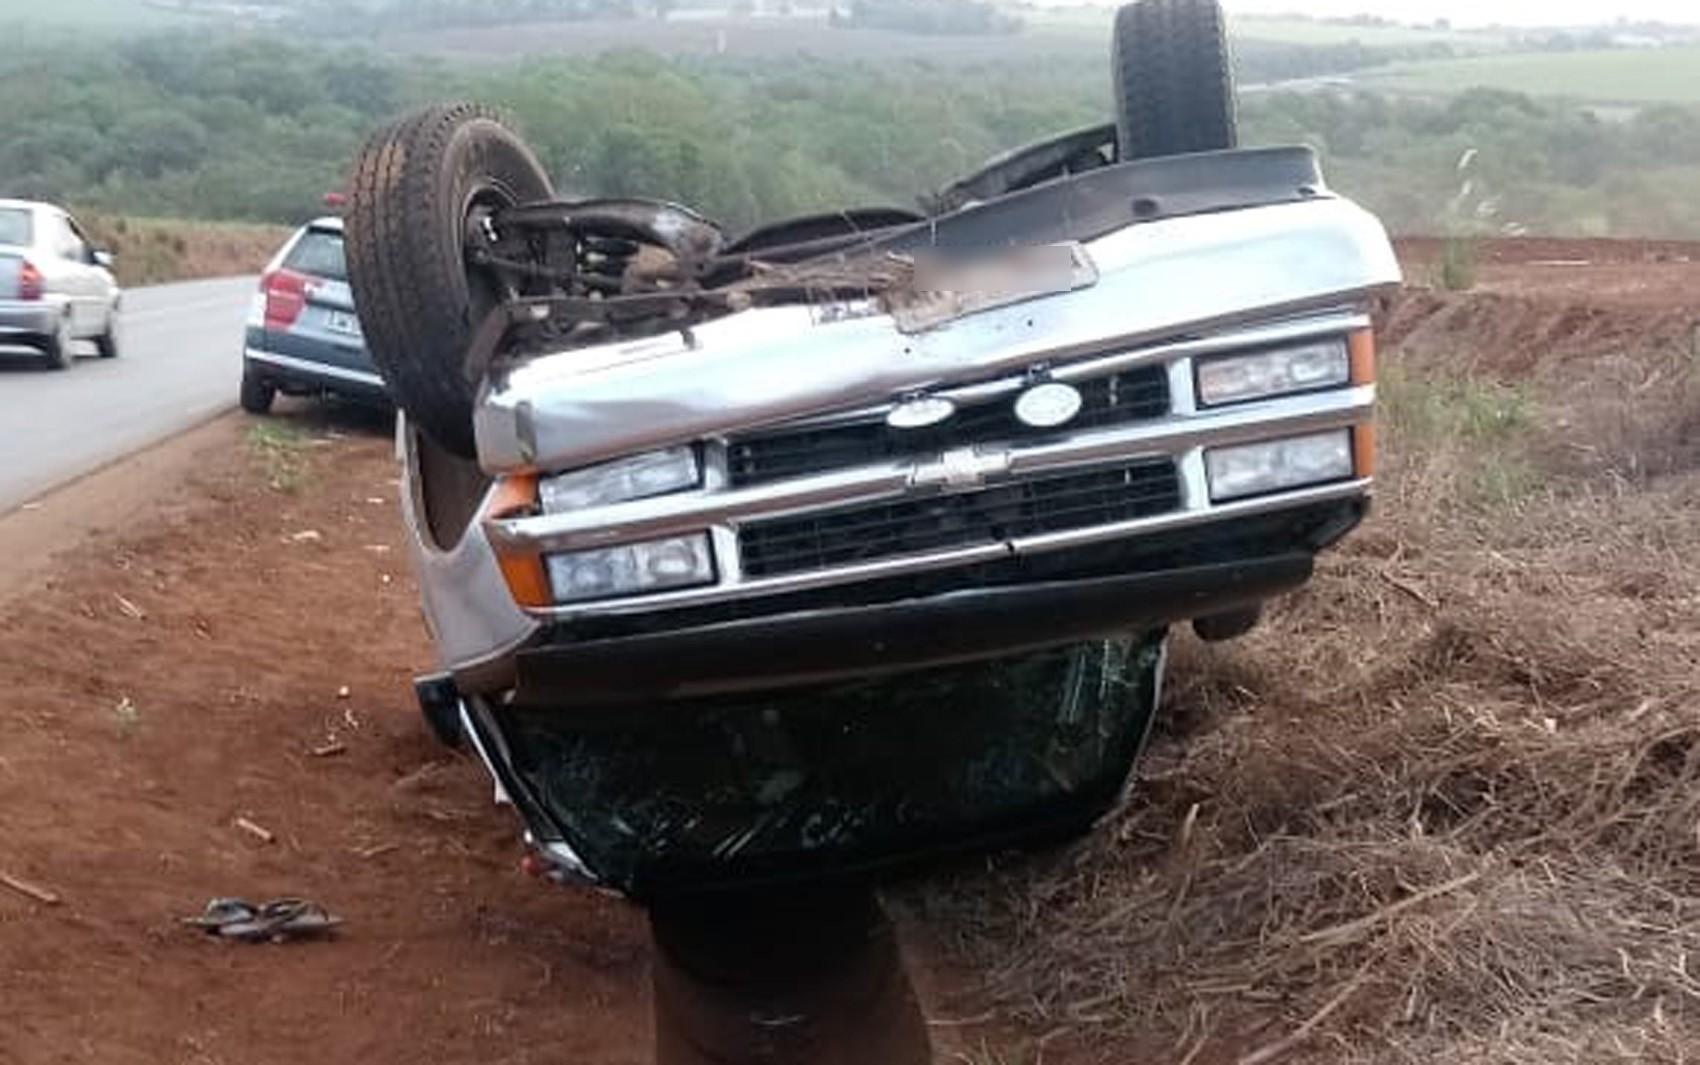 Homem morre e irmão fica ferido após caminhonete capotar próximo a Jardinópolis, SP - Notícias - Plantão Diário